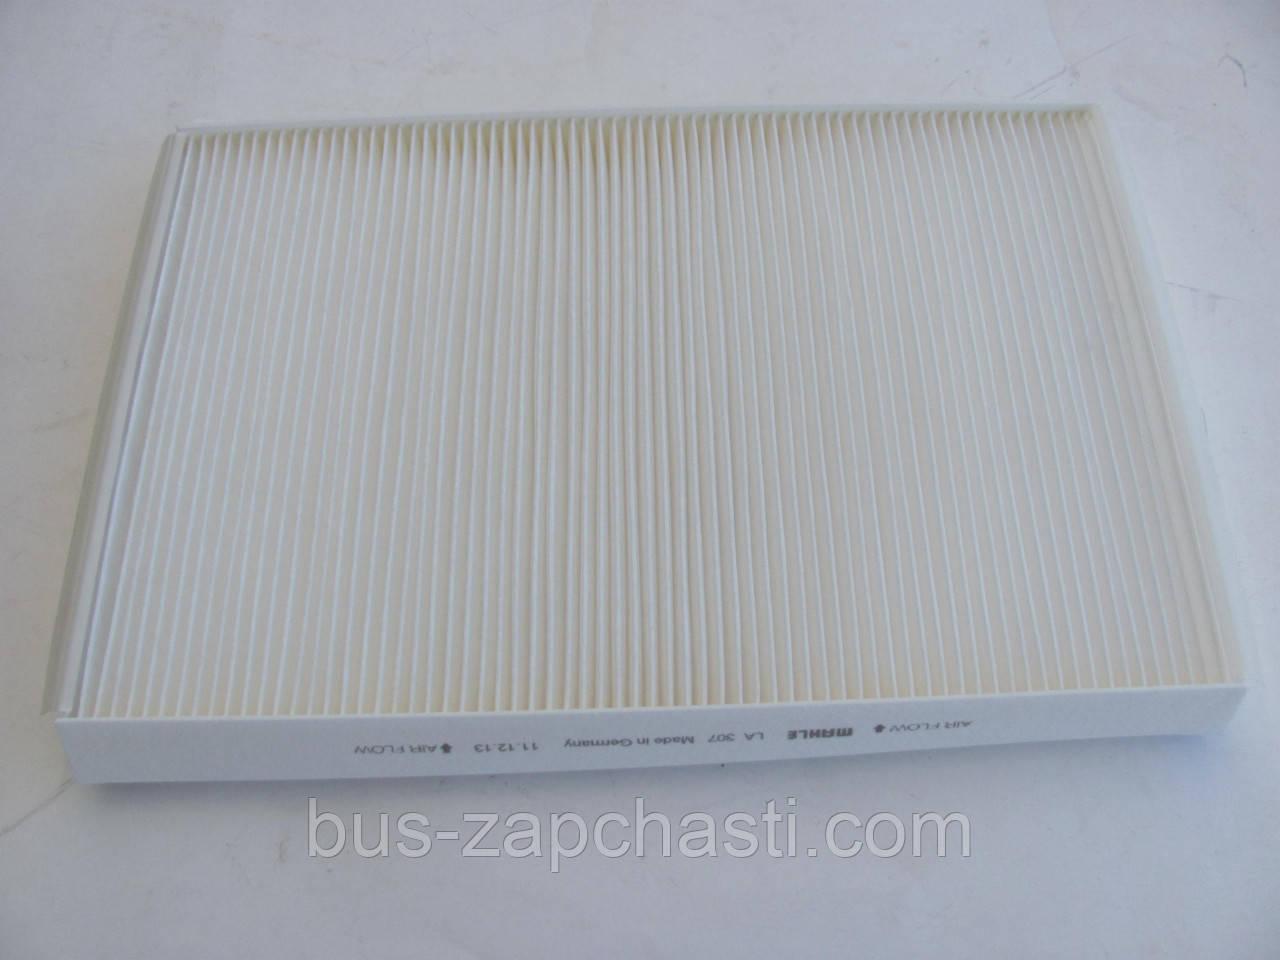 Фильтр салона на MB Sprinter, VW Crafter 2006→ — Kneght (Австрия) — LA307